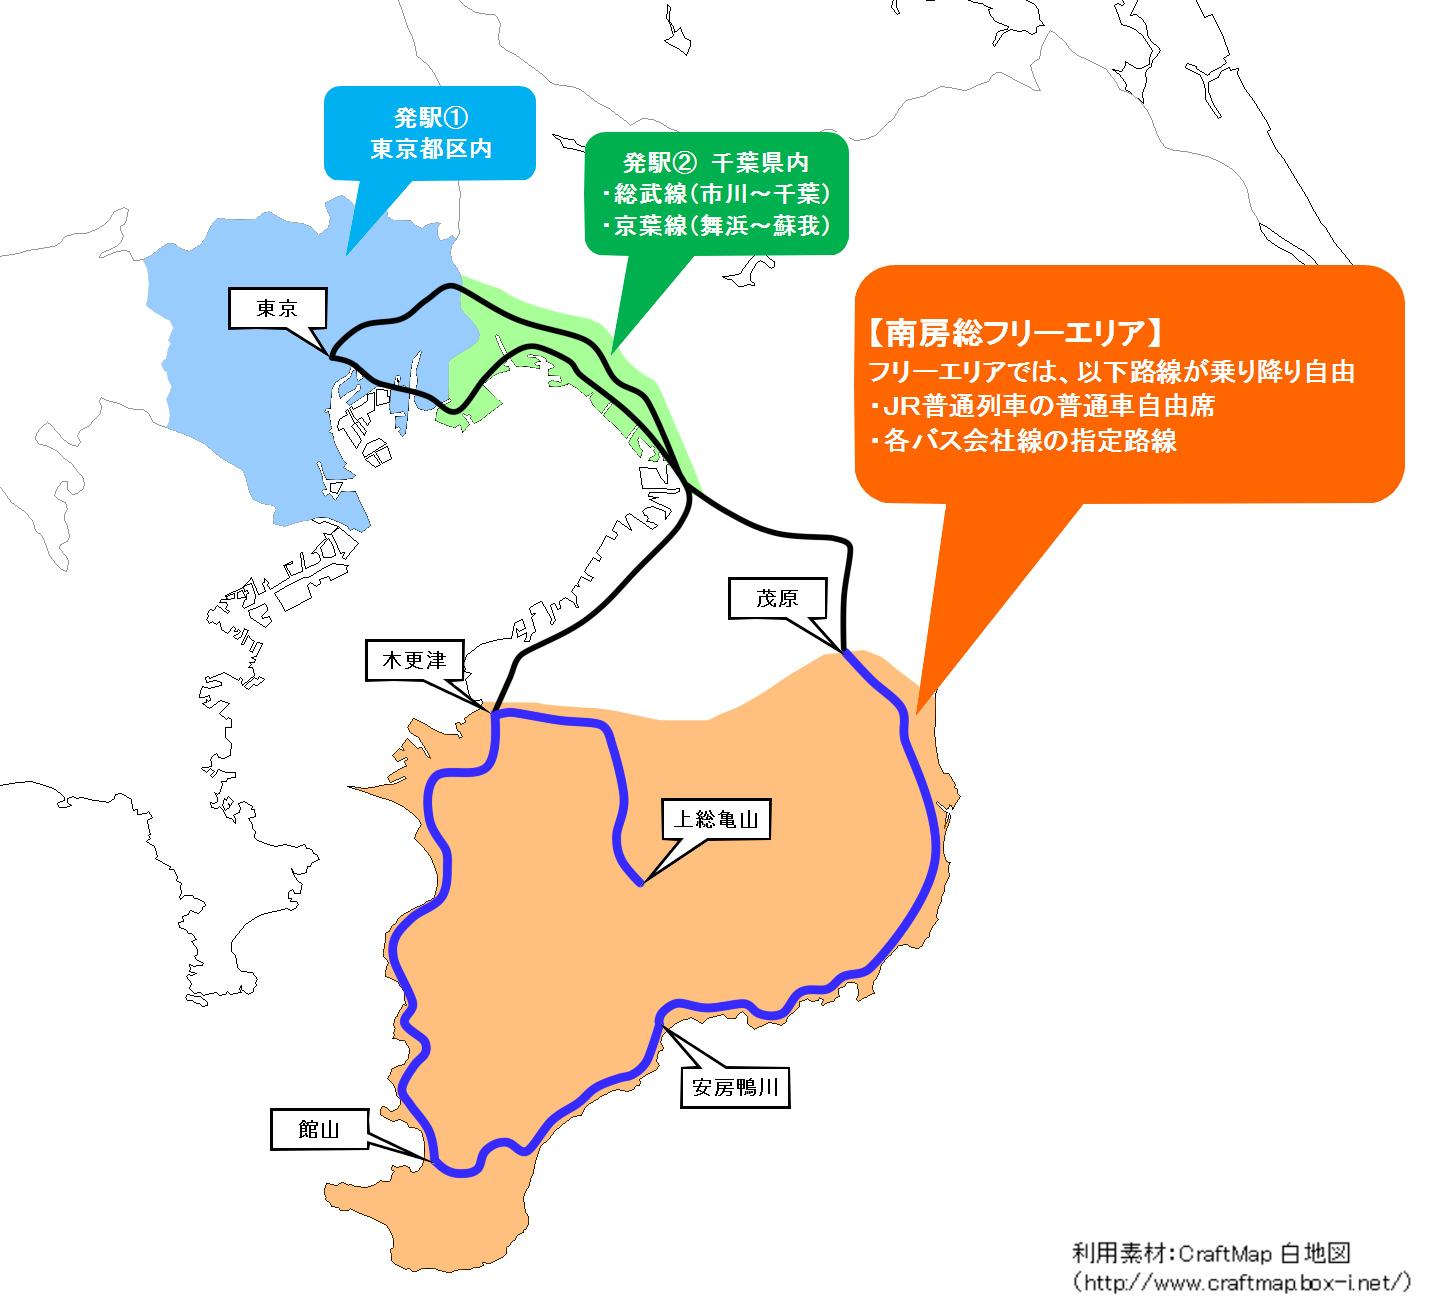 【画像】南房総フリー乗車券 発駅とフリーエリア